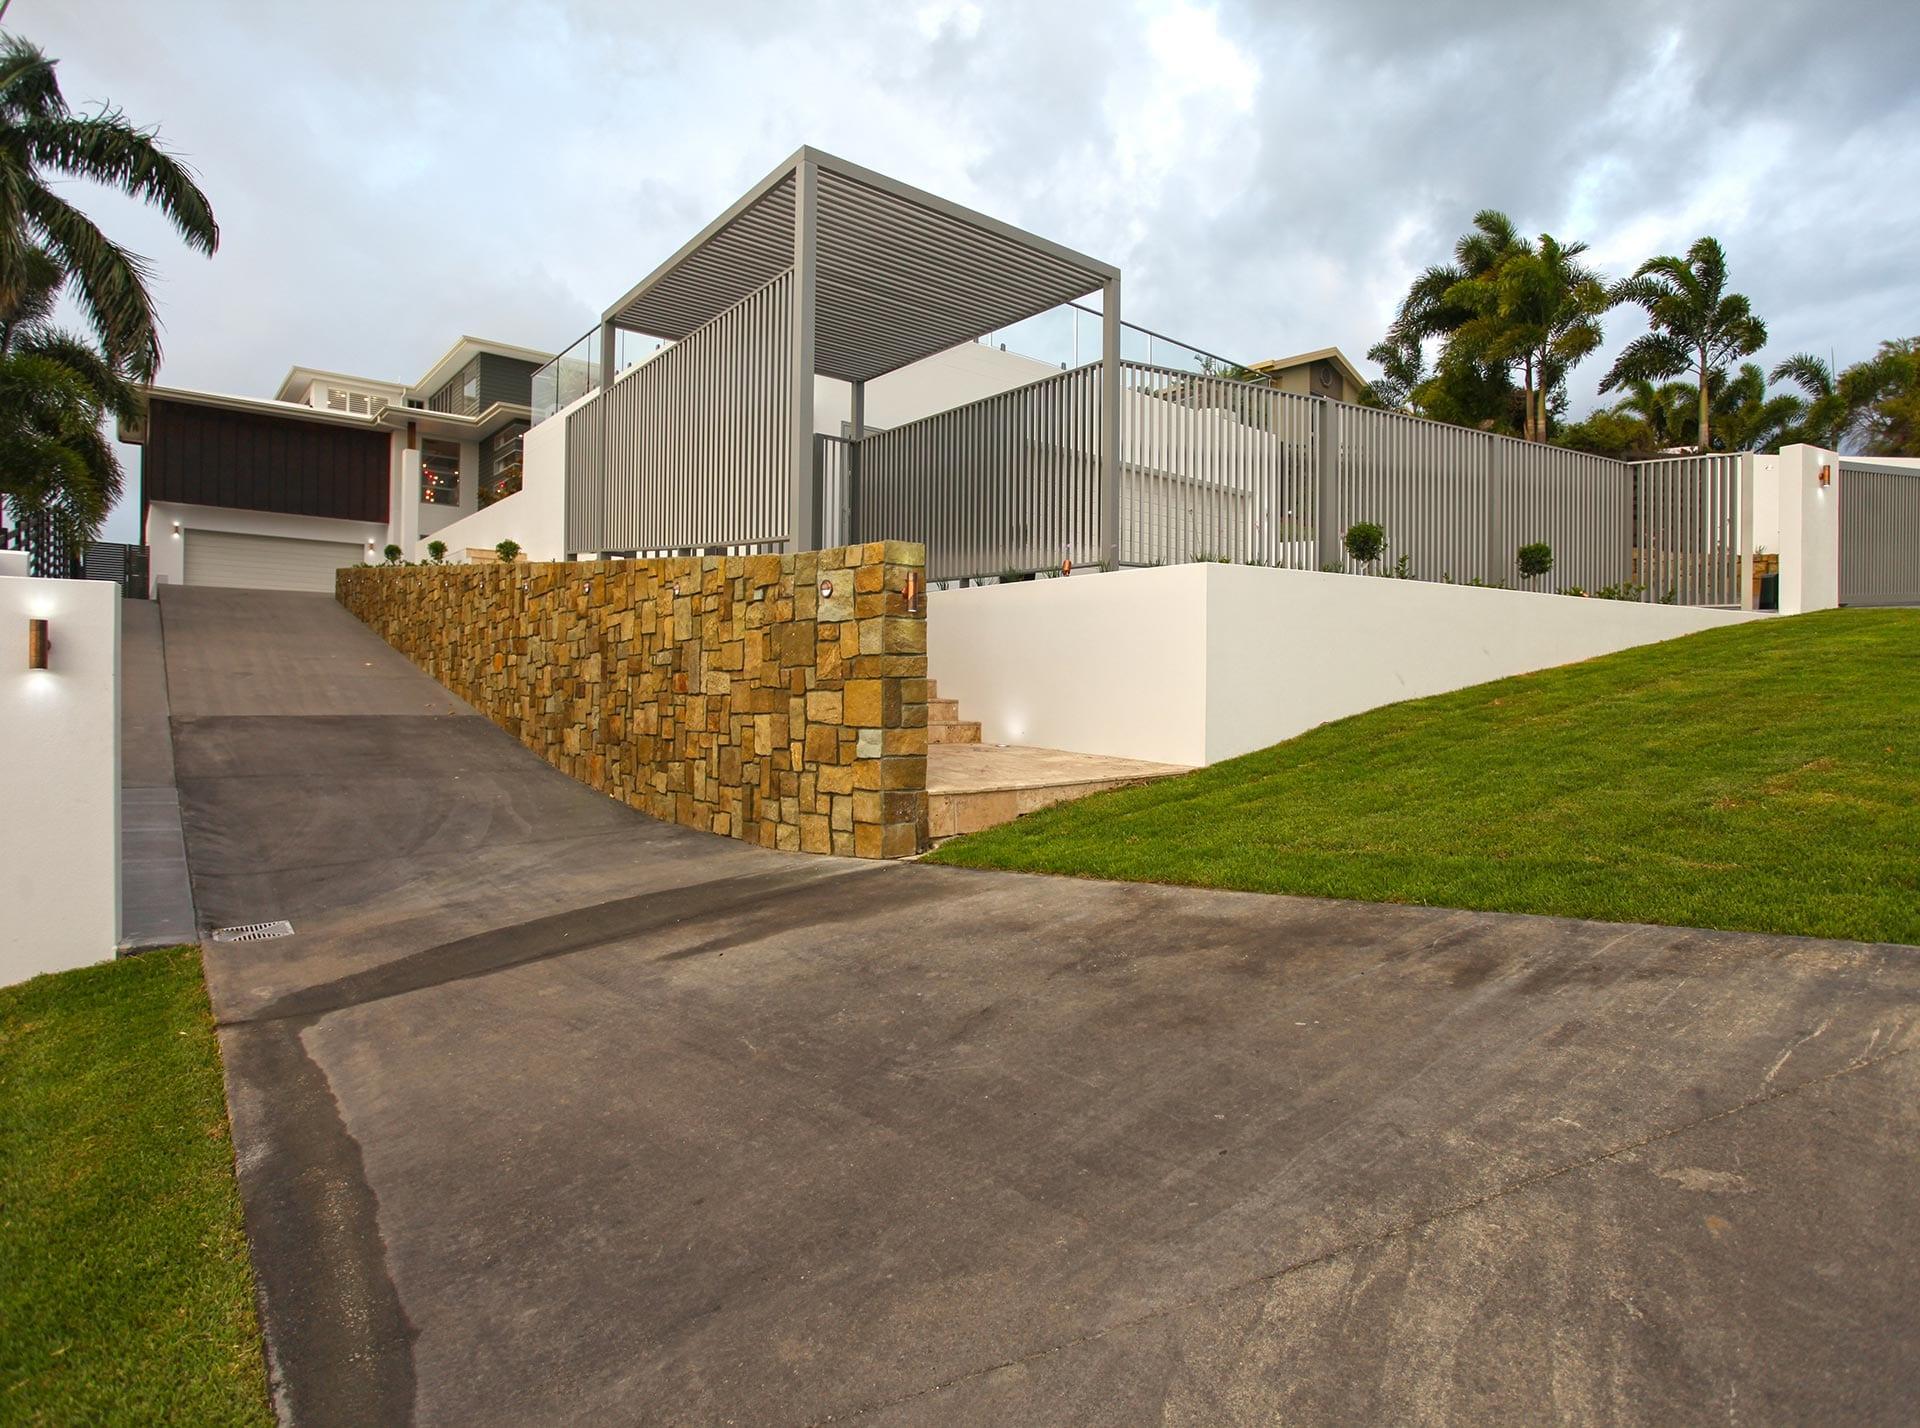 Coral RIdge Driveway